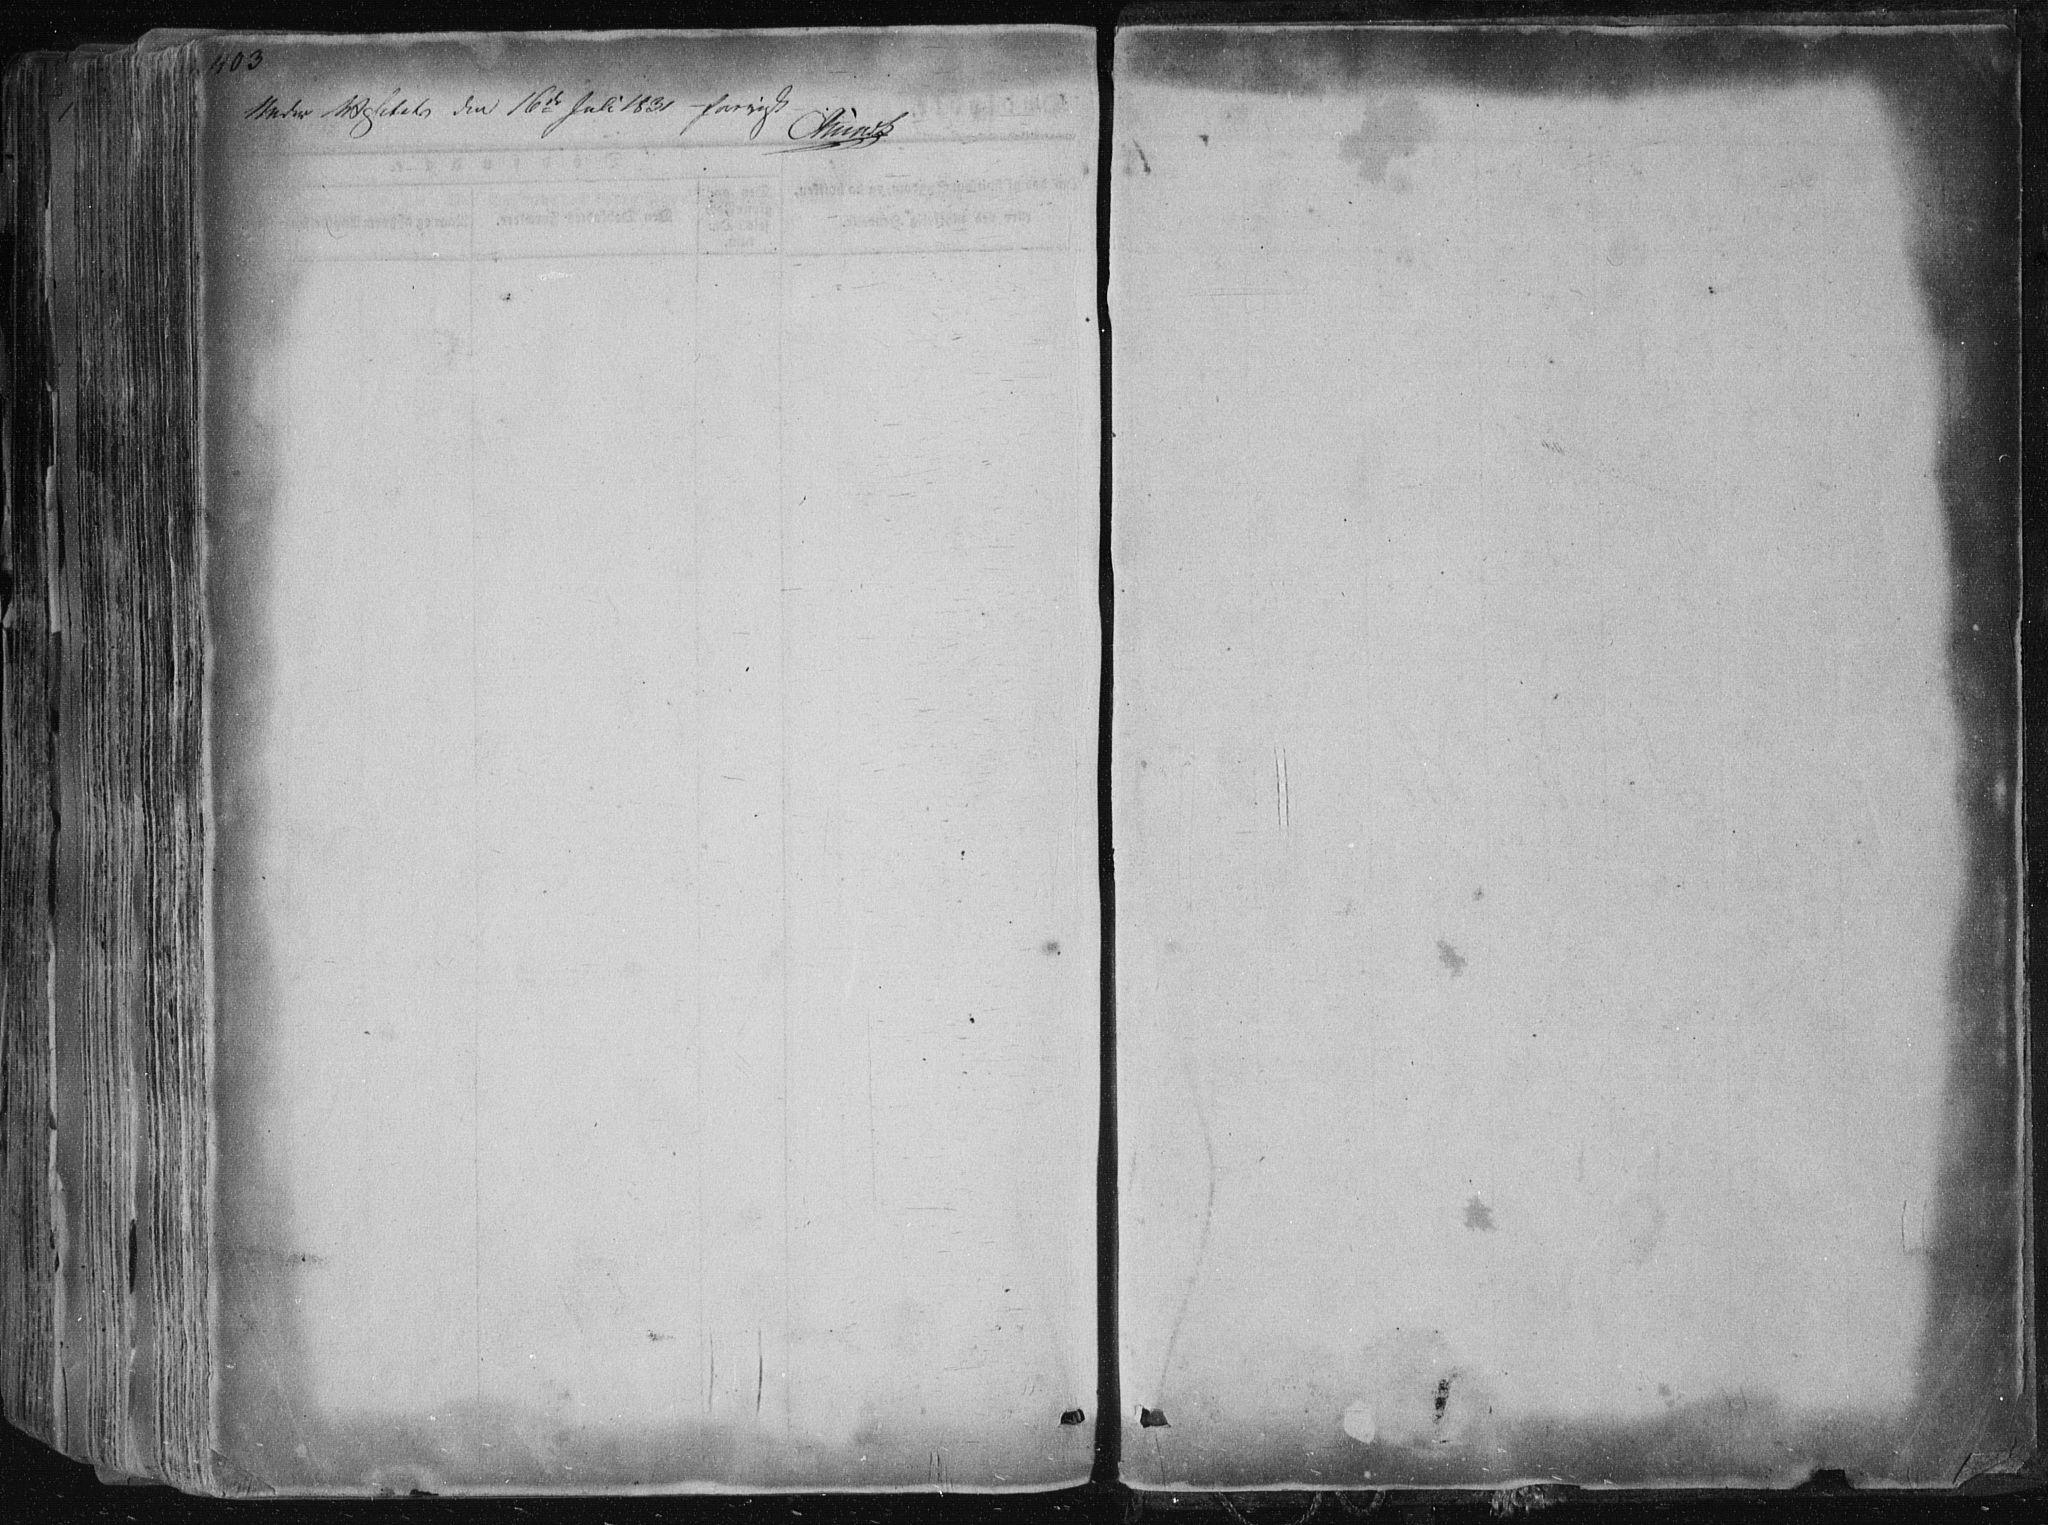 SAKO, Sannidal kirkebøker, F/Fa/L0006: Ministerialbok nr. 6, 1831-1847, s. 403